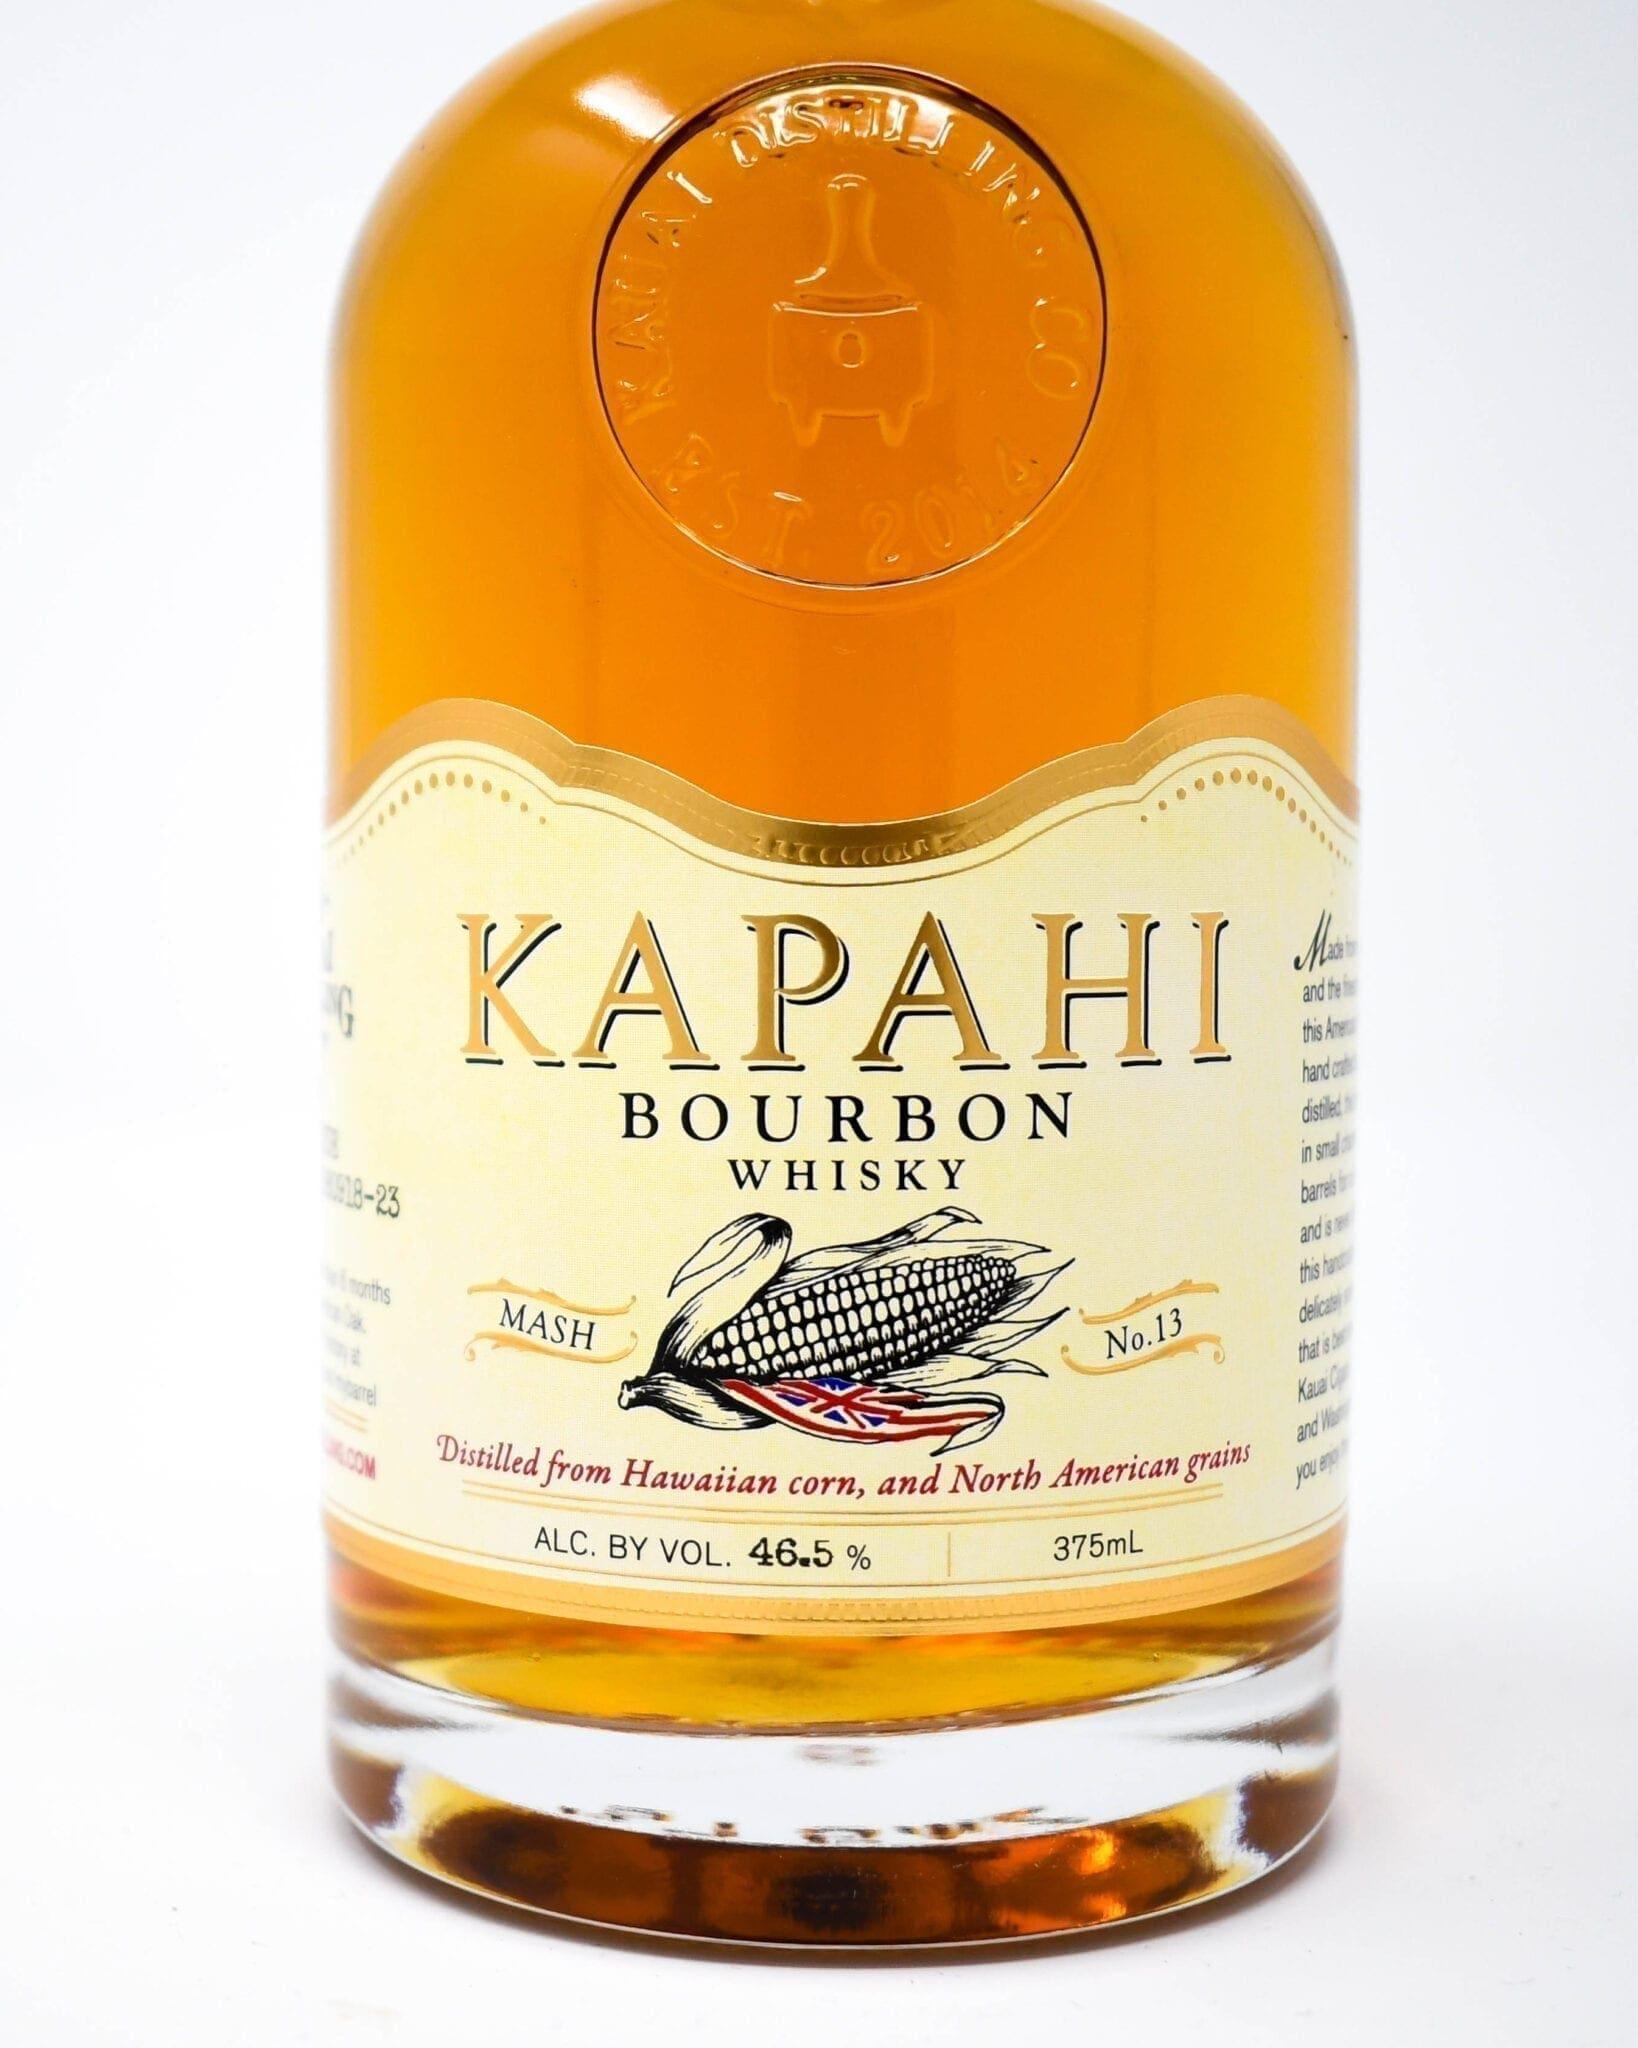 Kapahi Bourbon 375ml made with Kauai corn